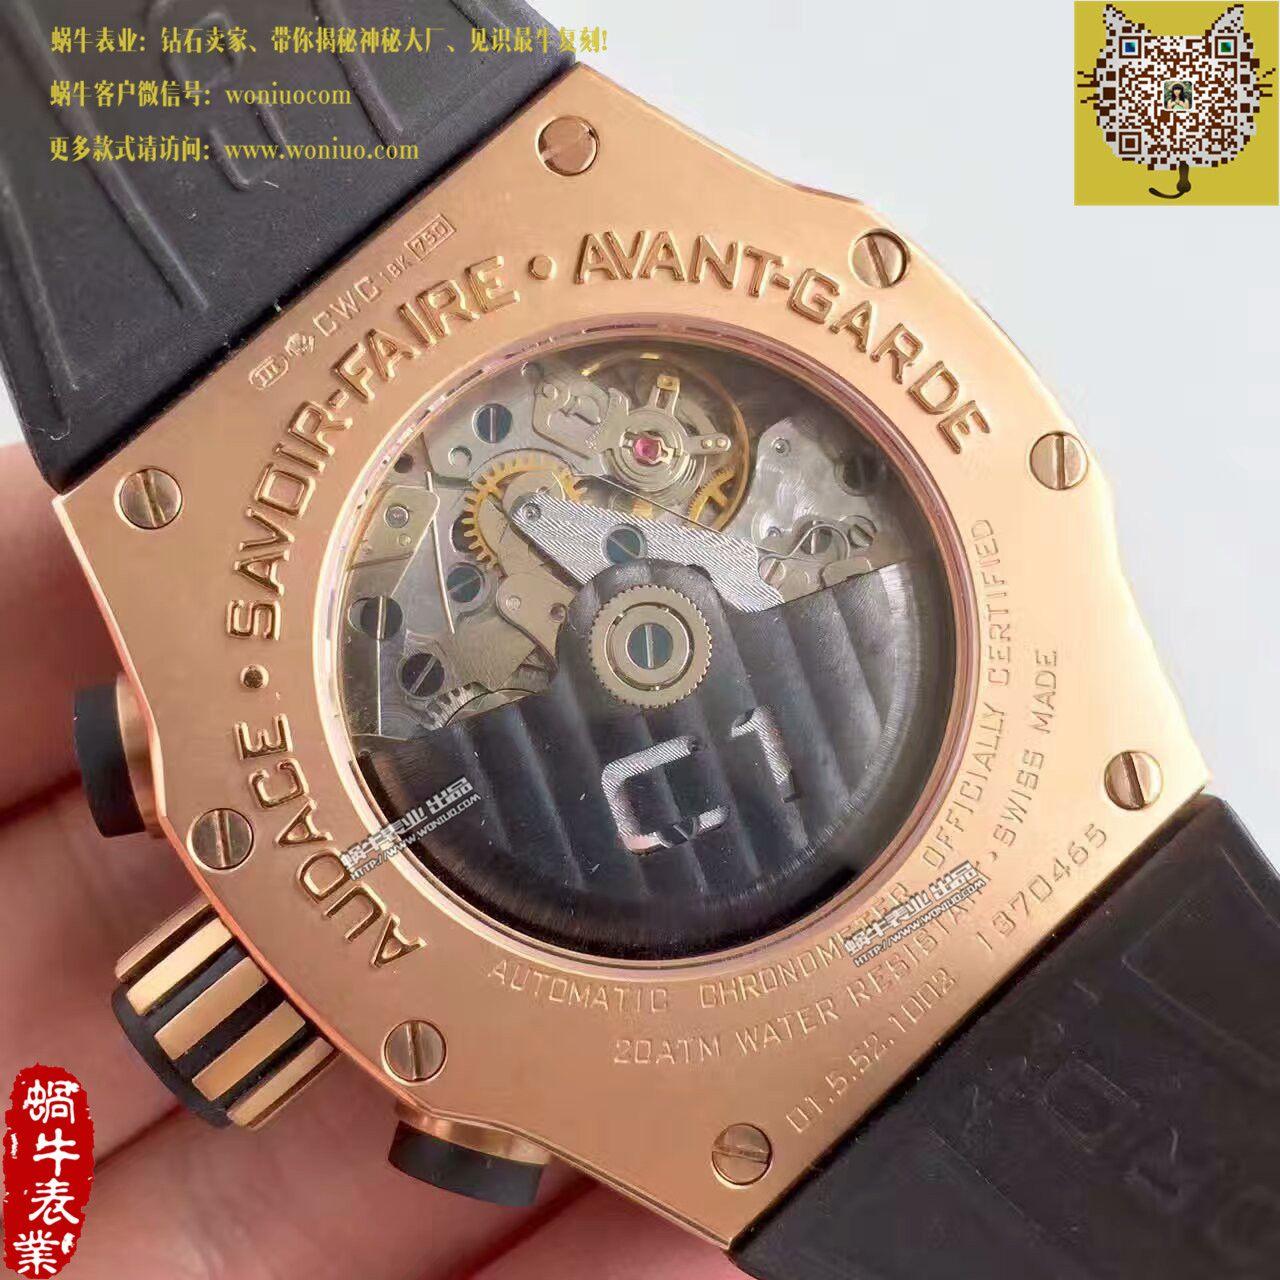 【台湾厂1比1超A高仿手表】君皇C1腕表 Concord C1 Mecatech Chronograph  watch / 君皇02